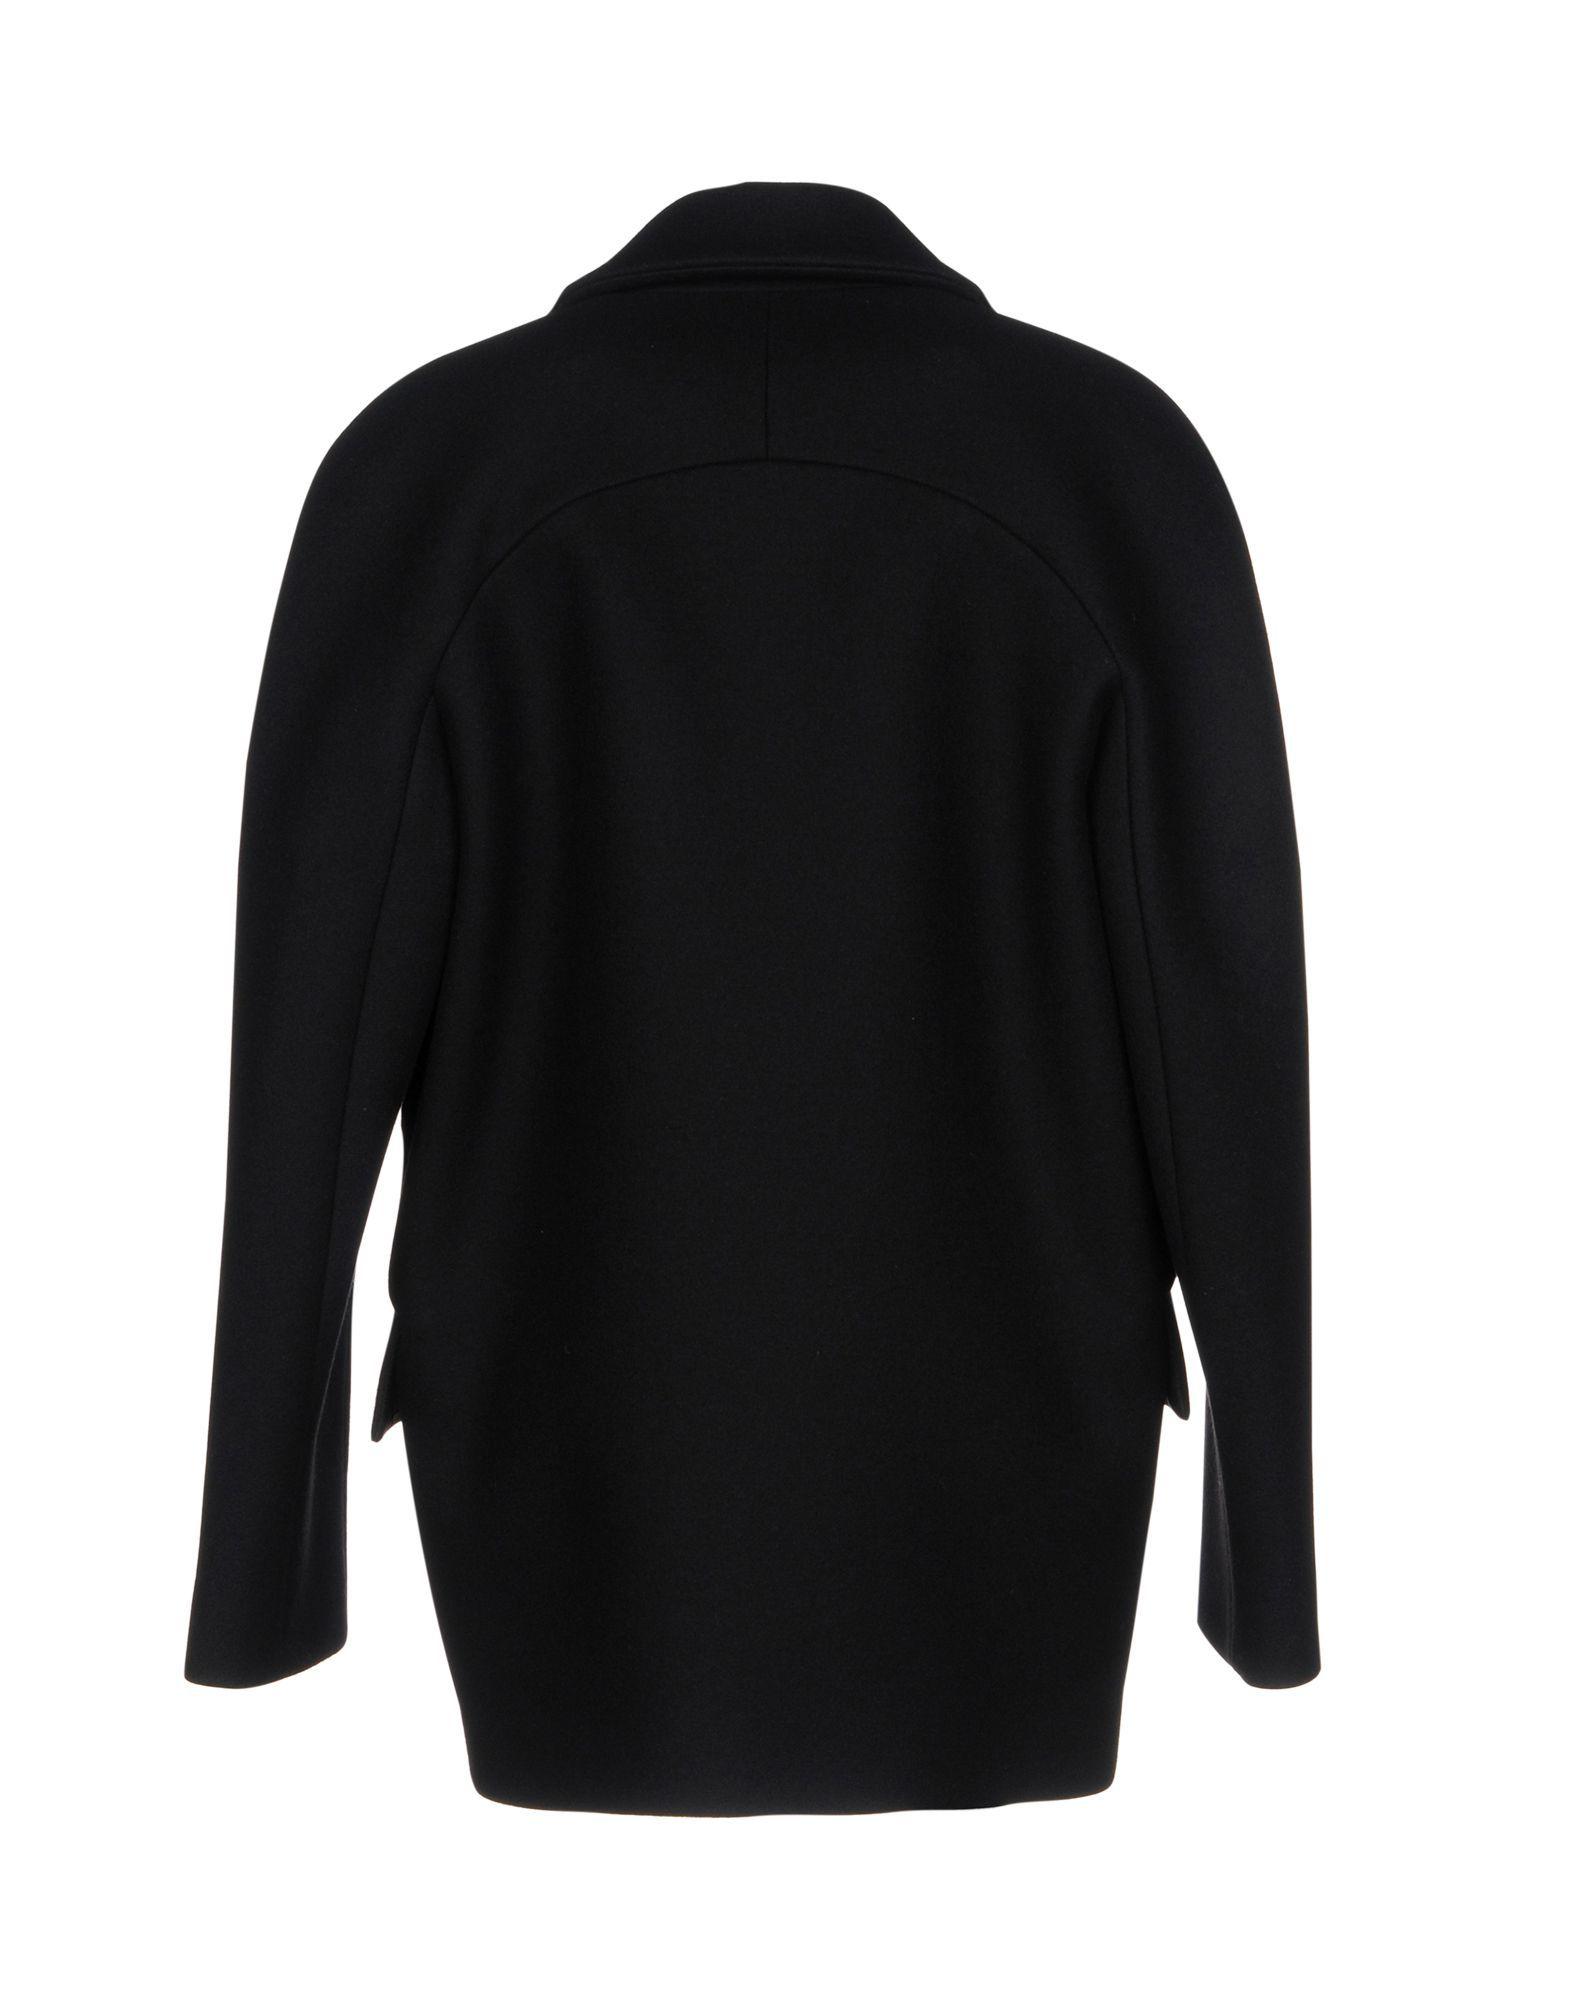 Michael Kors Collection Black Virgin Wool Coat